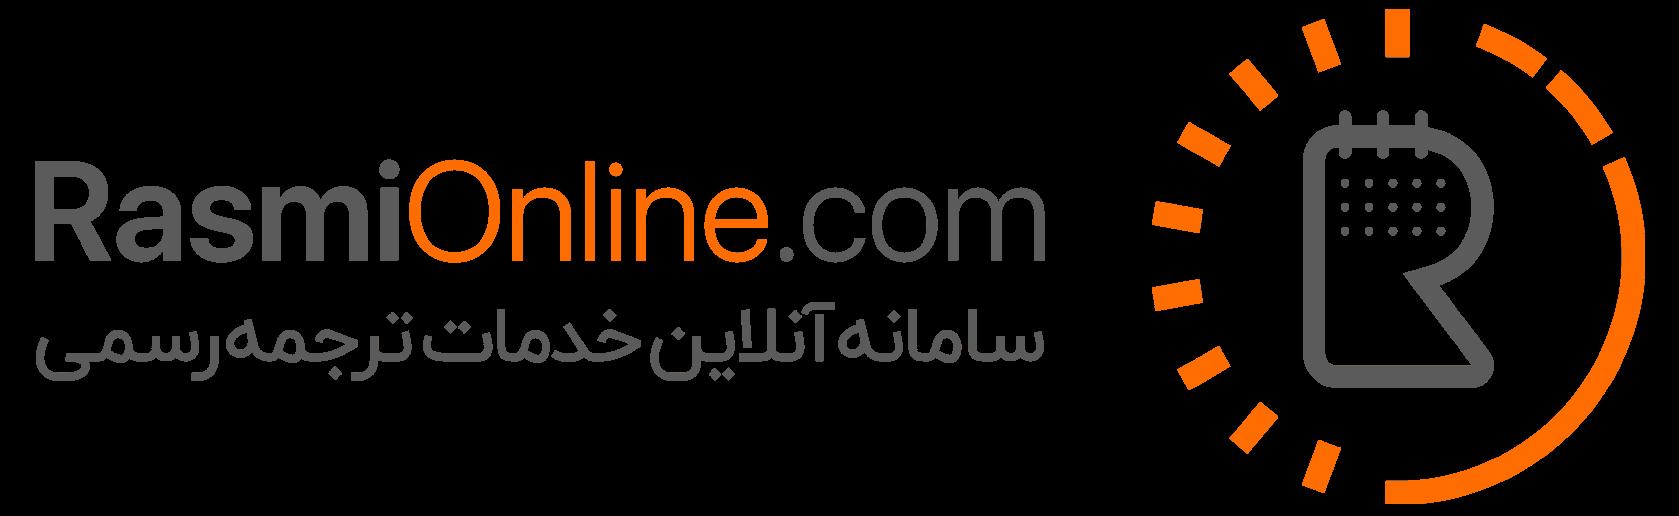 رسمی آنلاین